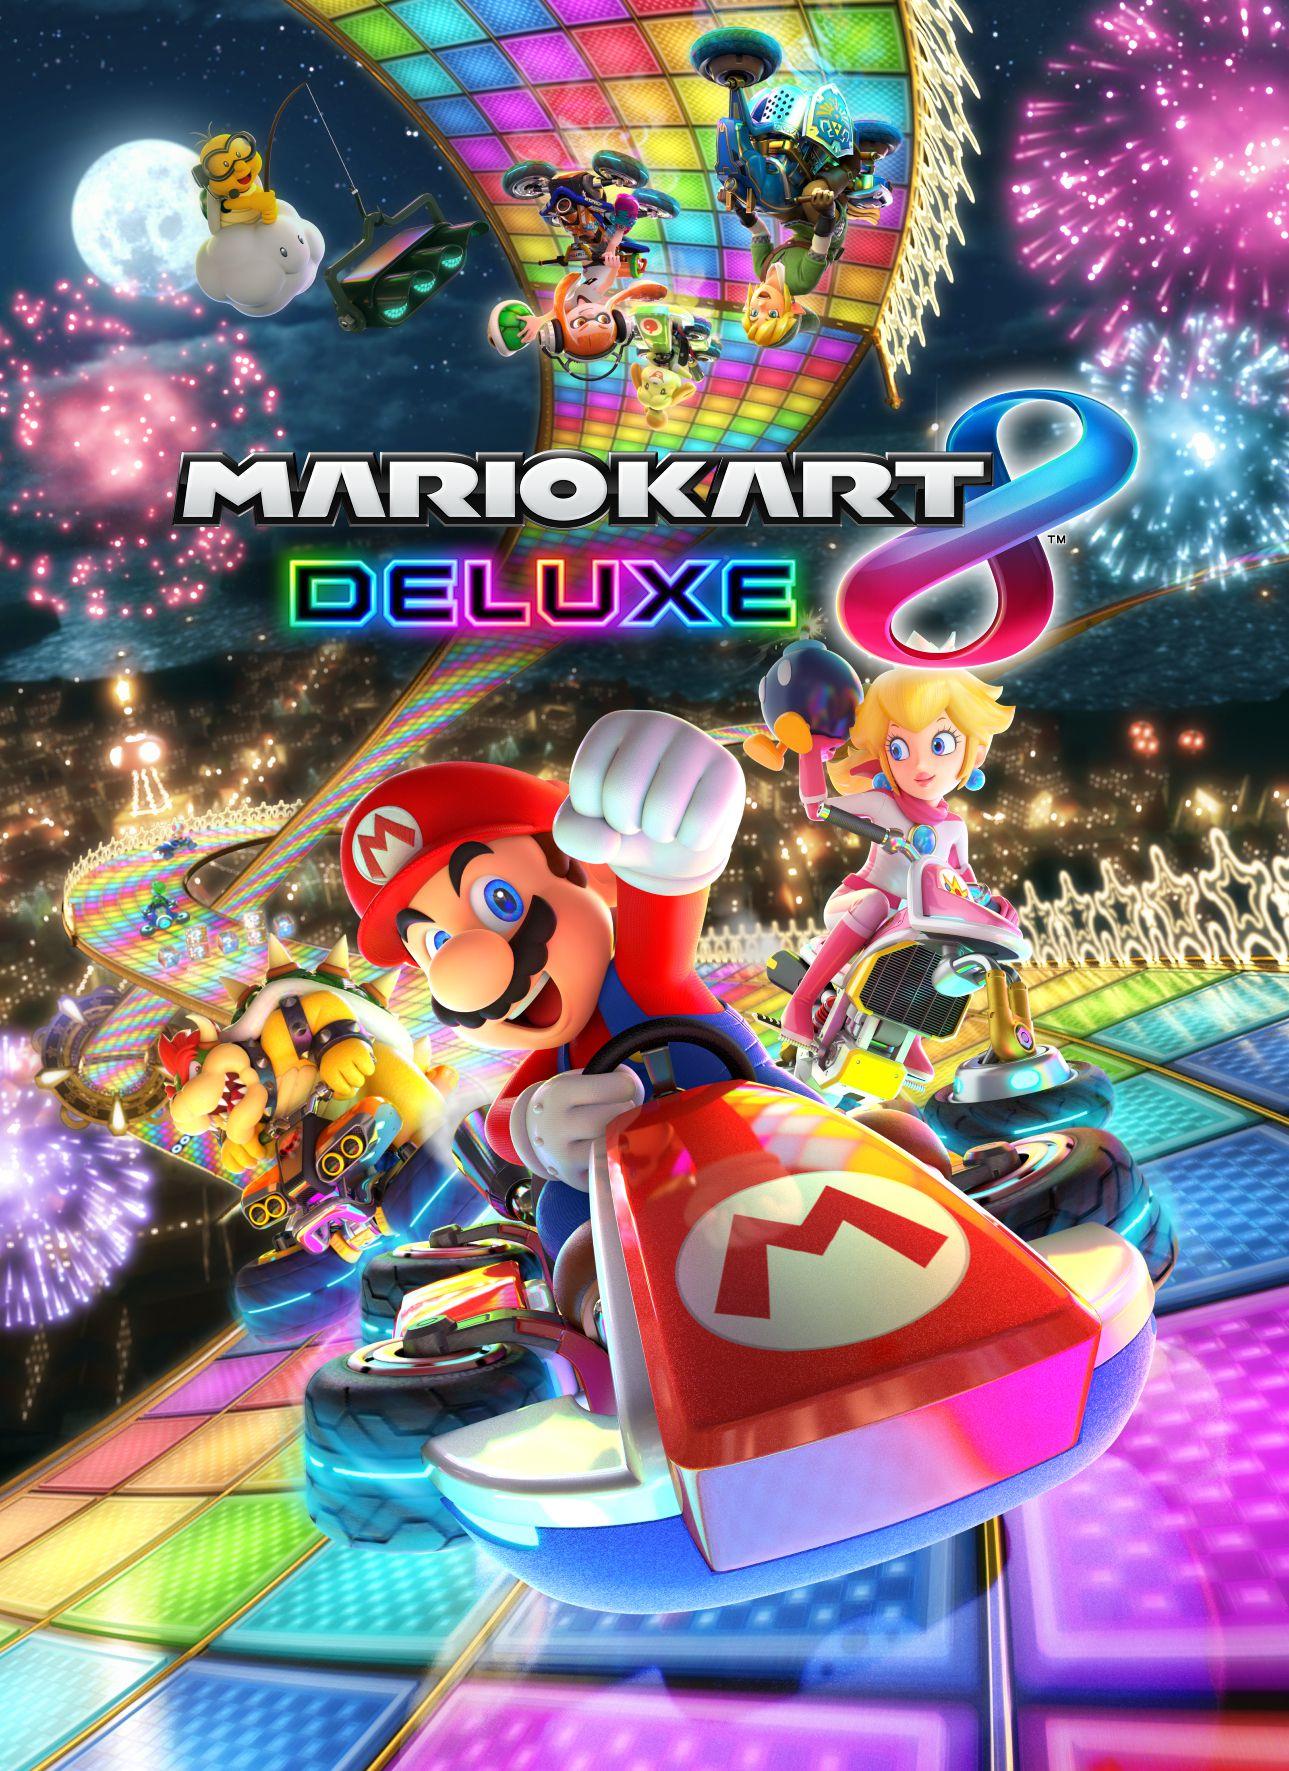 [EXPERT] Mario Kart 8 Deluxe (Switch)